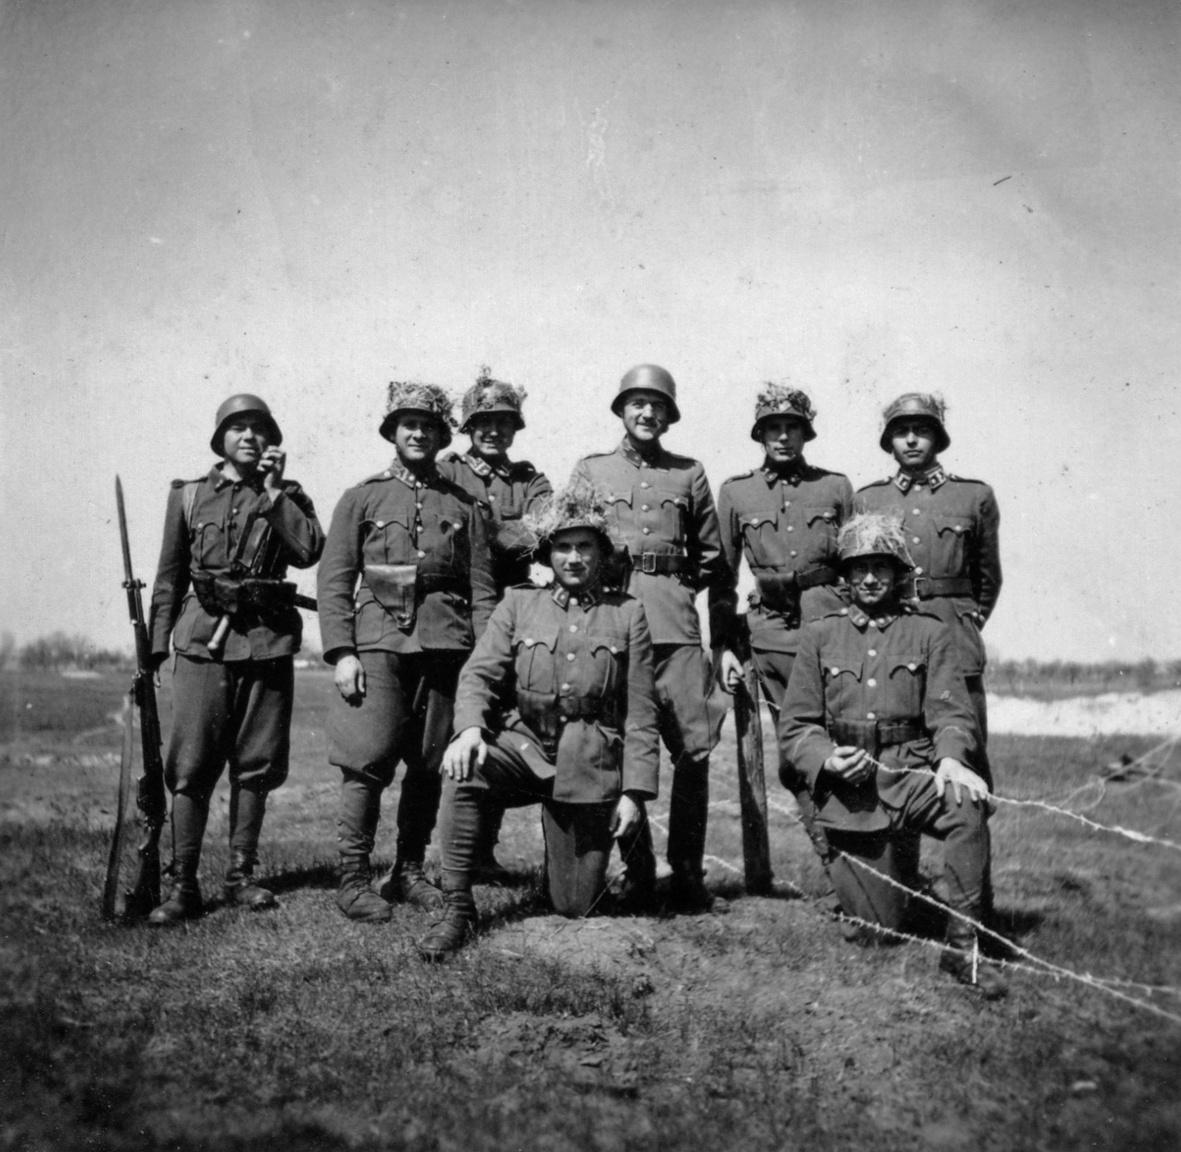 A gyakran megfelelő fegyverzet és felszerelés nélkül harcoló honvédek ezrei szenvedtek és vesztek oda.